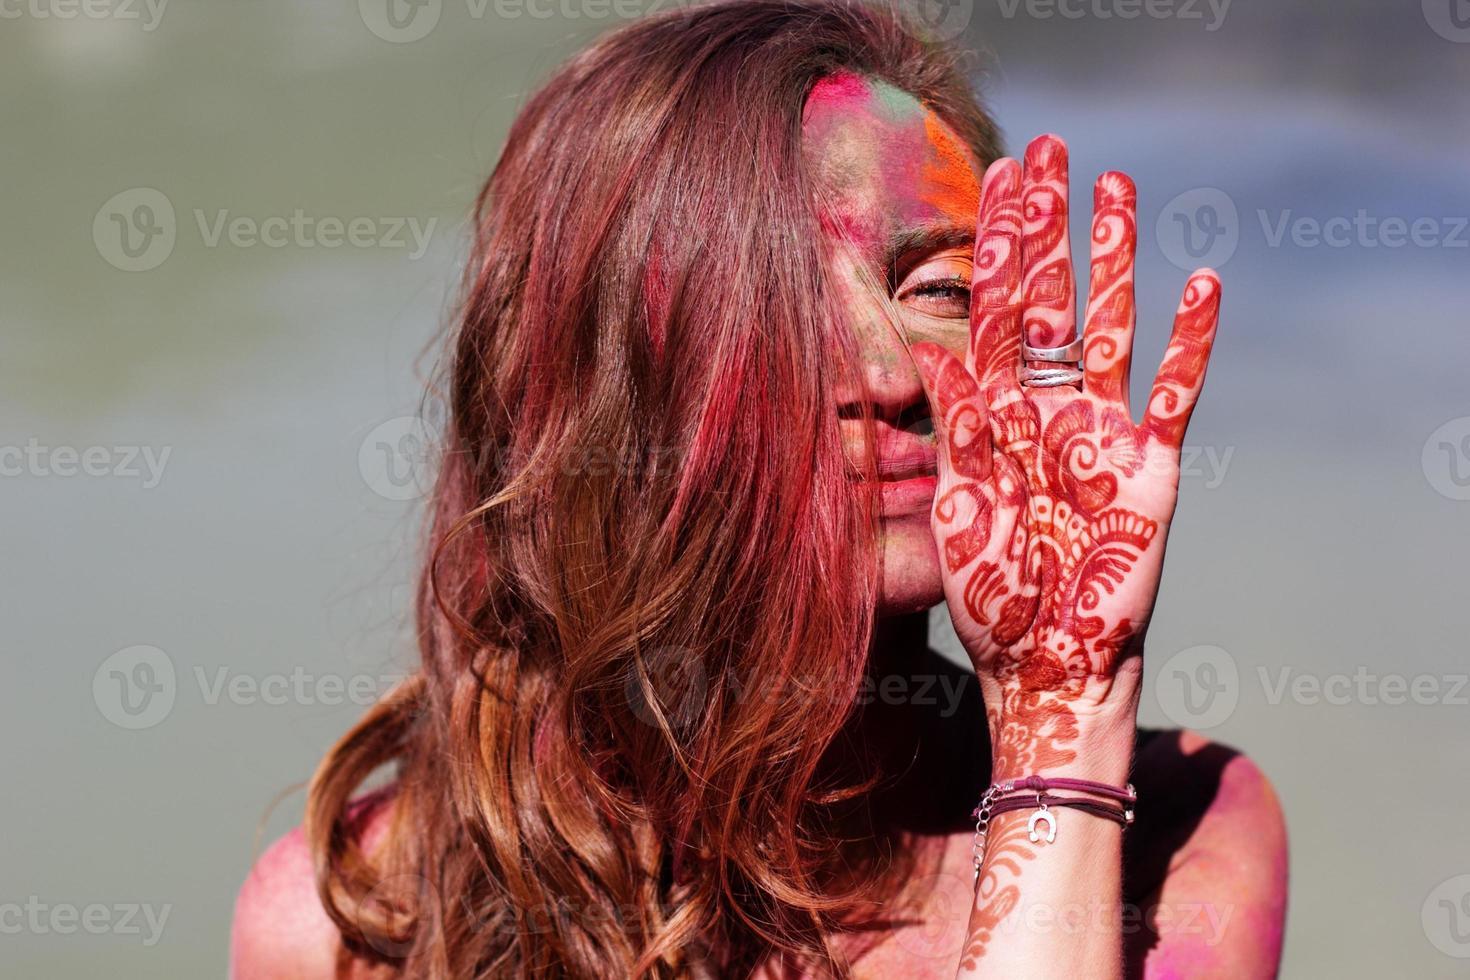 ragazza con vernice colorata sul viso, india foto